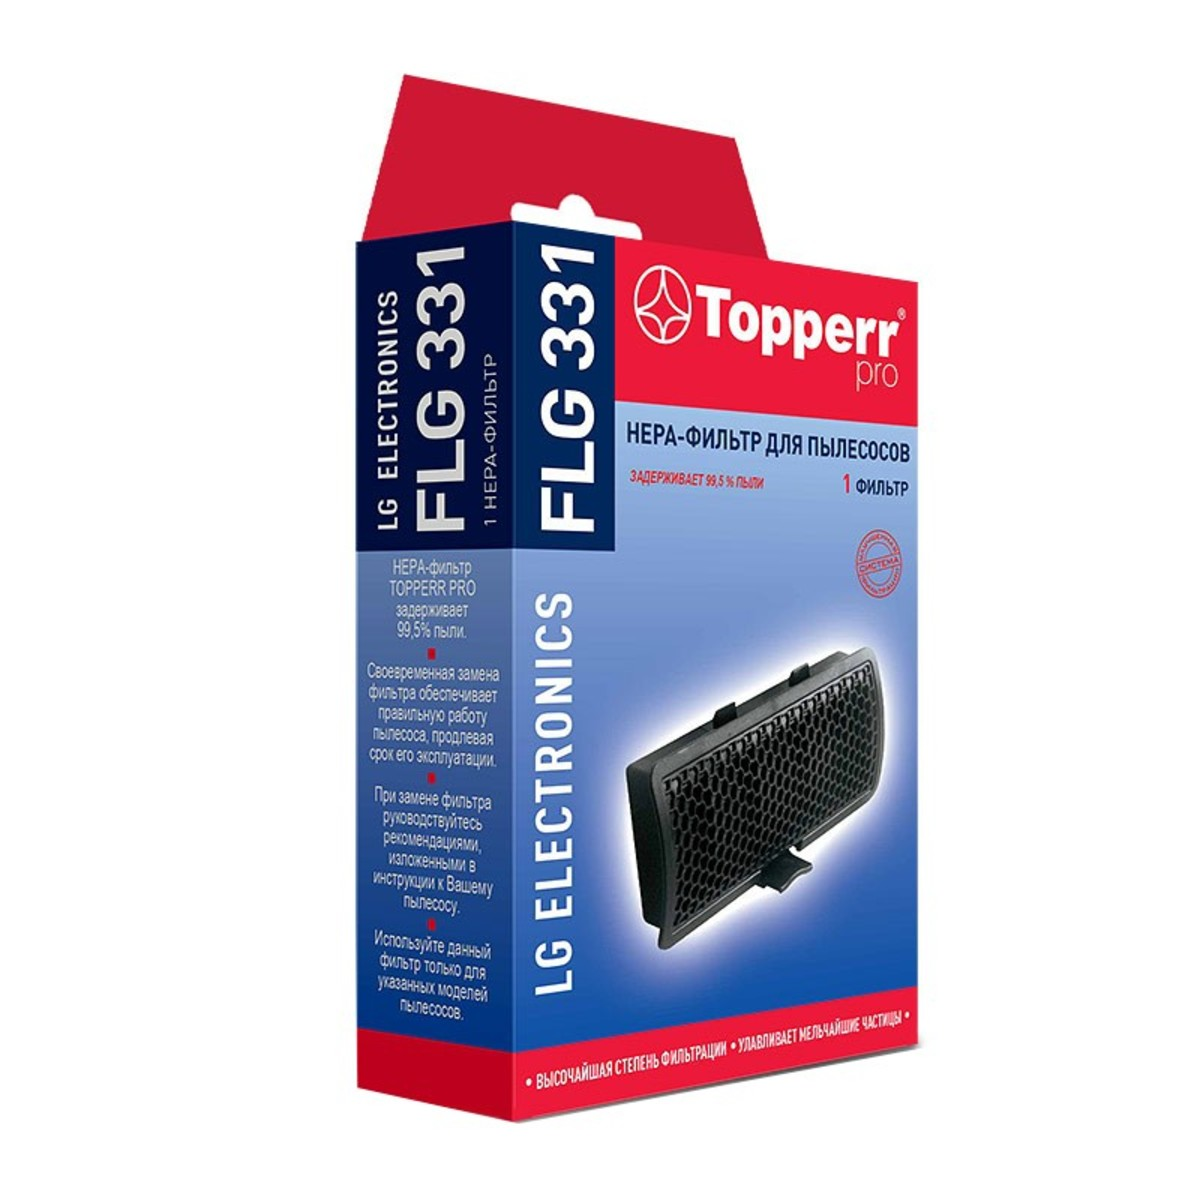 HEPA-фильтр Topperr FLG 331 для пылесосов LG Electronics